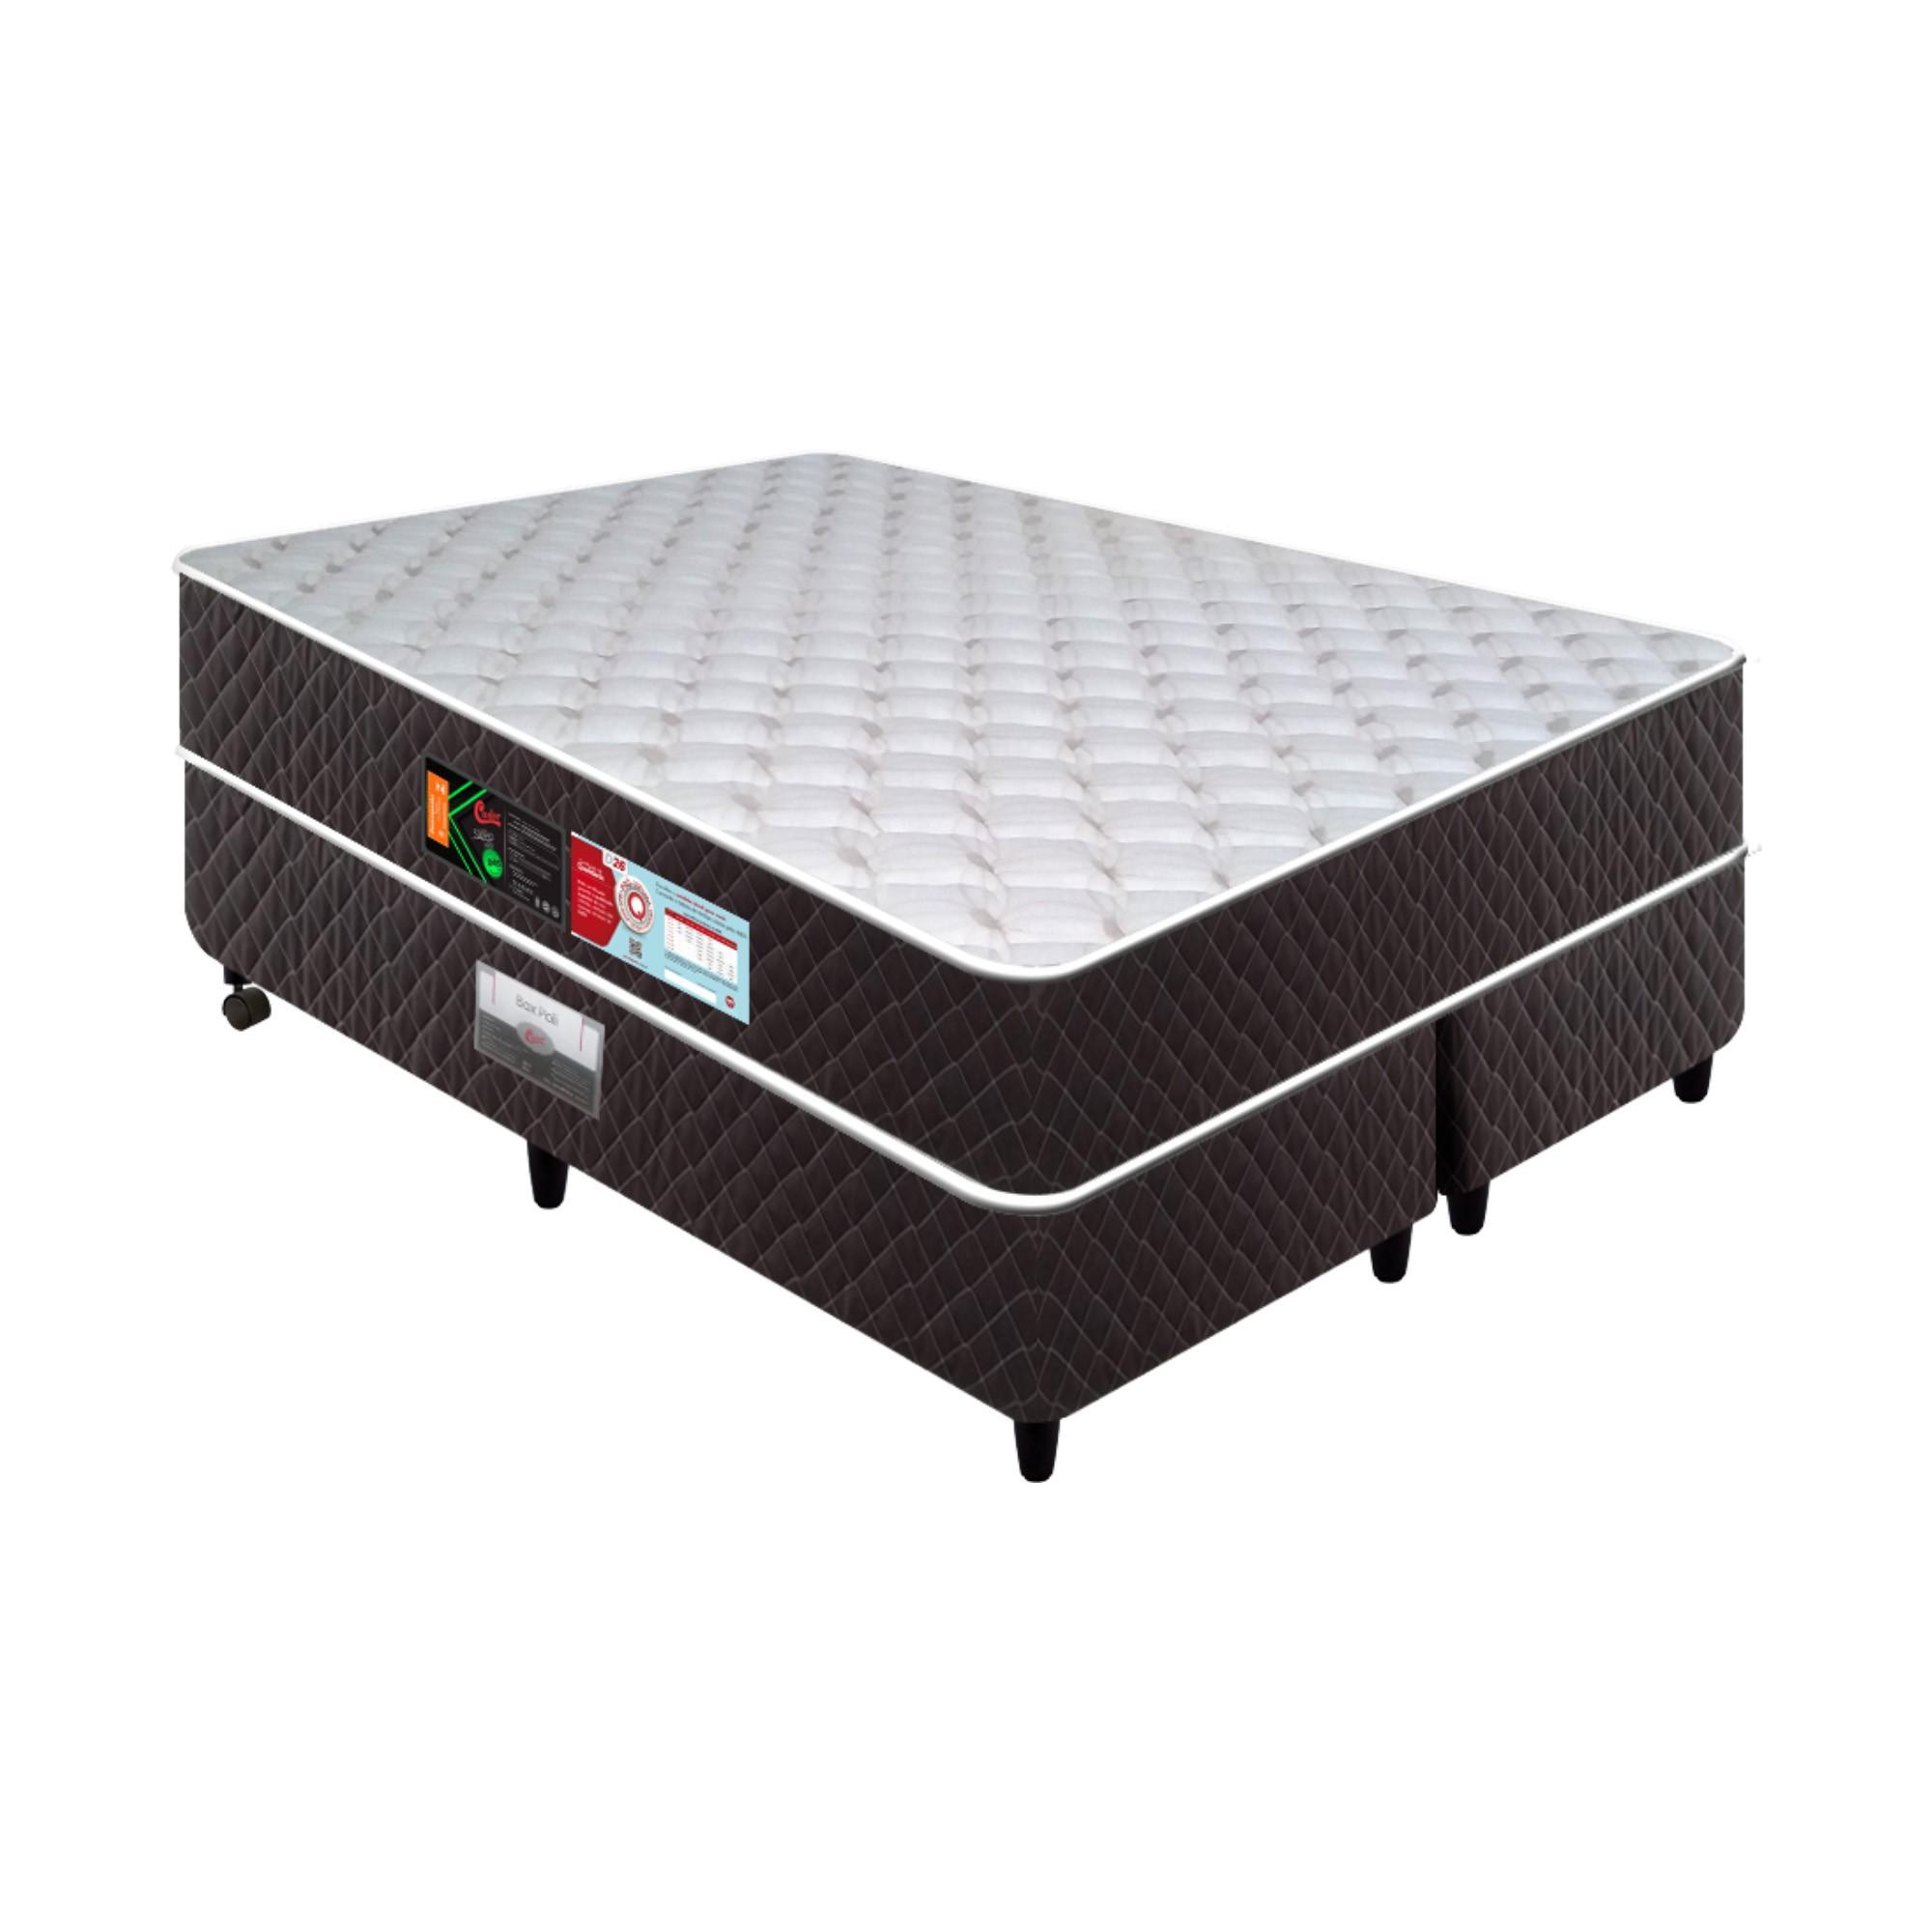 Conjunto Box Castor Sleep Max D45 [Casal 138 x 188 cm]